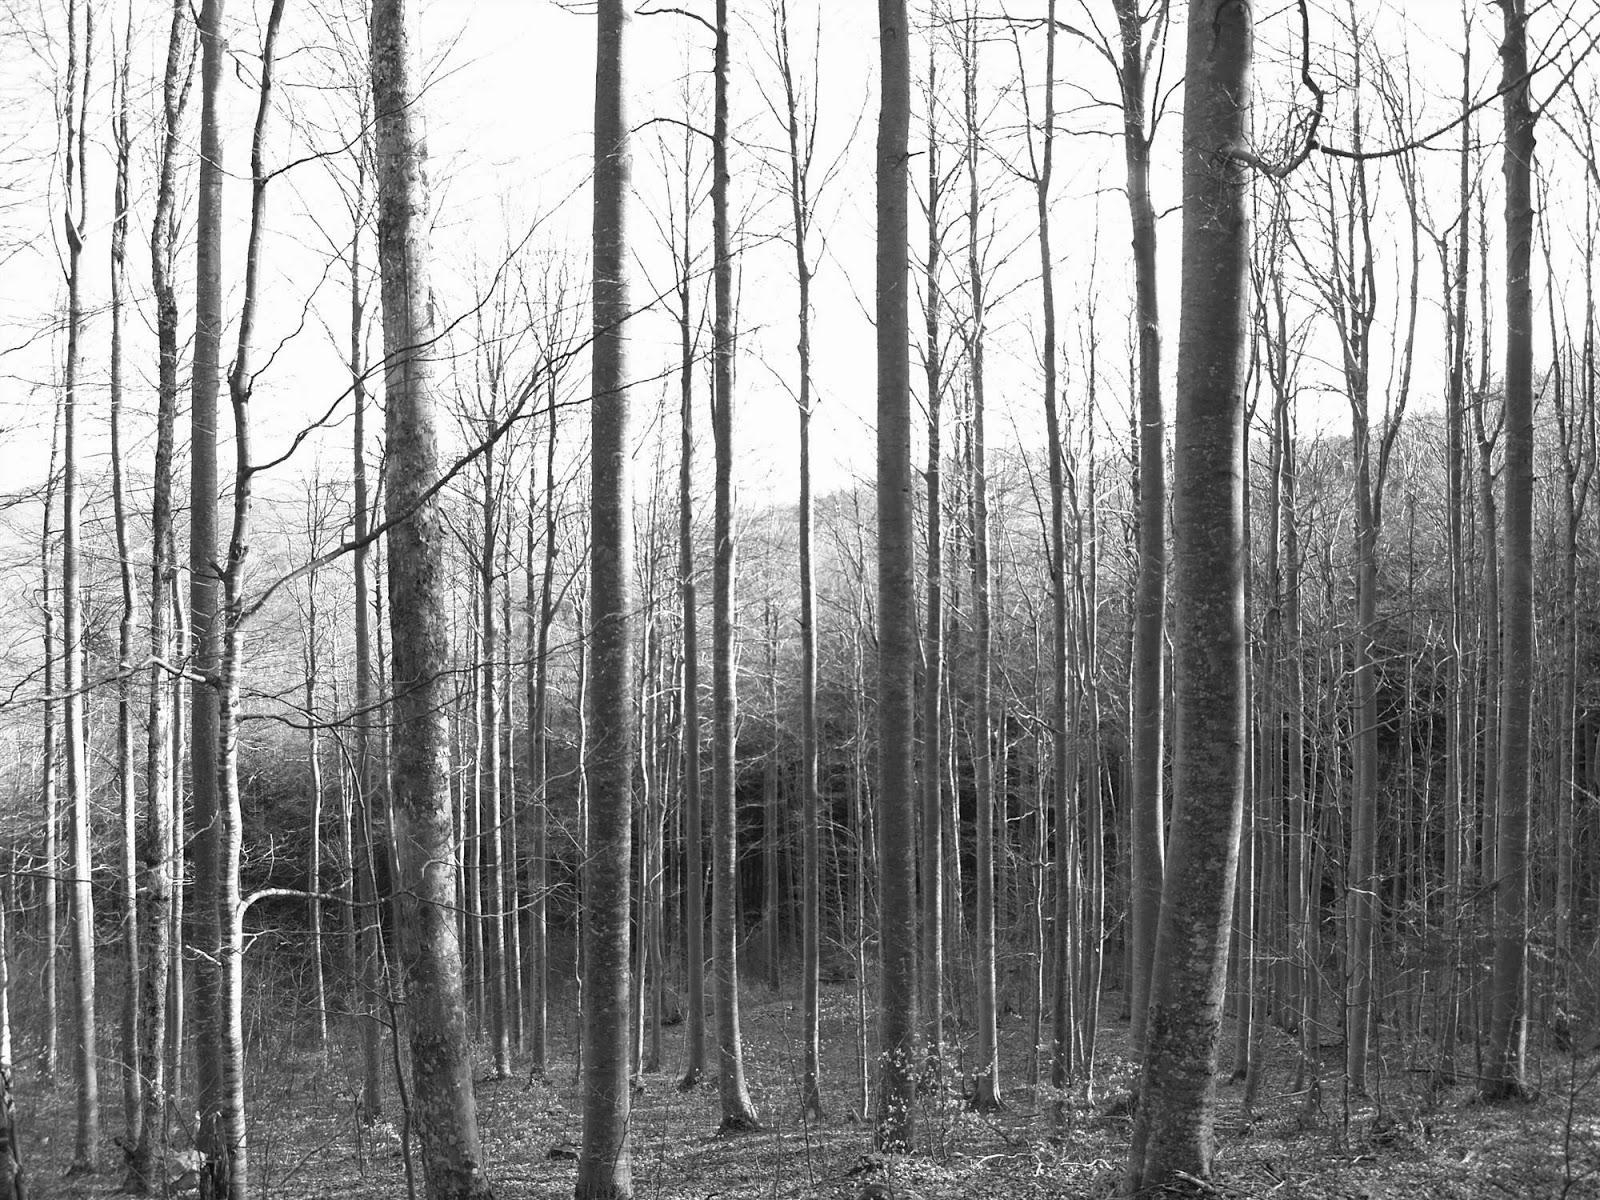 Orientacijski vikend, Črni dol 2007 - P0166084.JPG